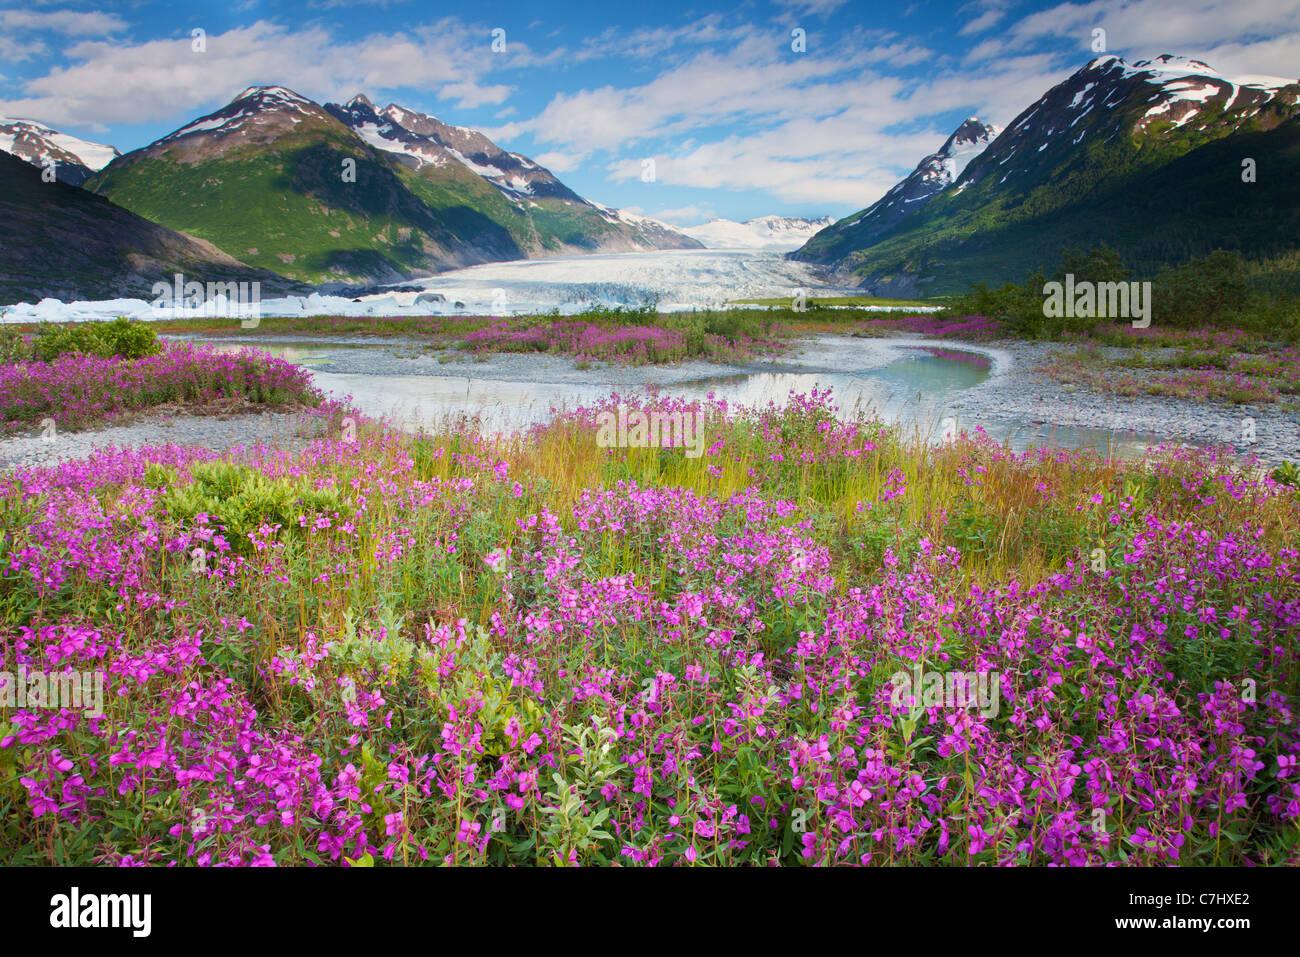 Fleurs sauvages à Spencer Glacier, Alaska, la Forêt Nationale de Chugach. Photo Stock